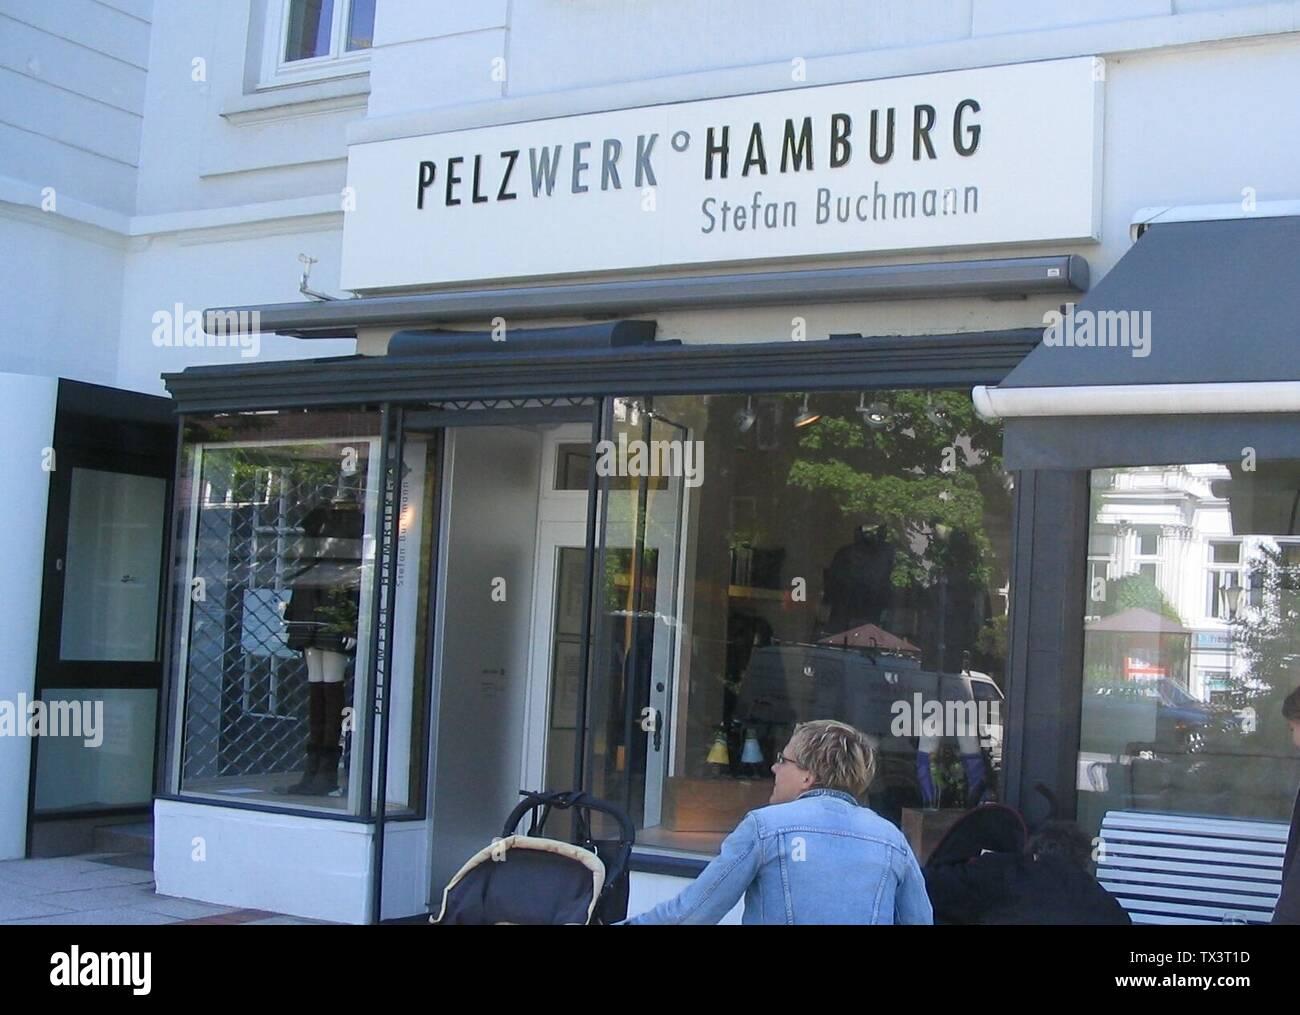 Pelzwerk°Hamburg Stefan Buchmann Deutsch: Kürschnermeister